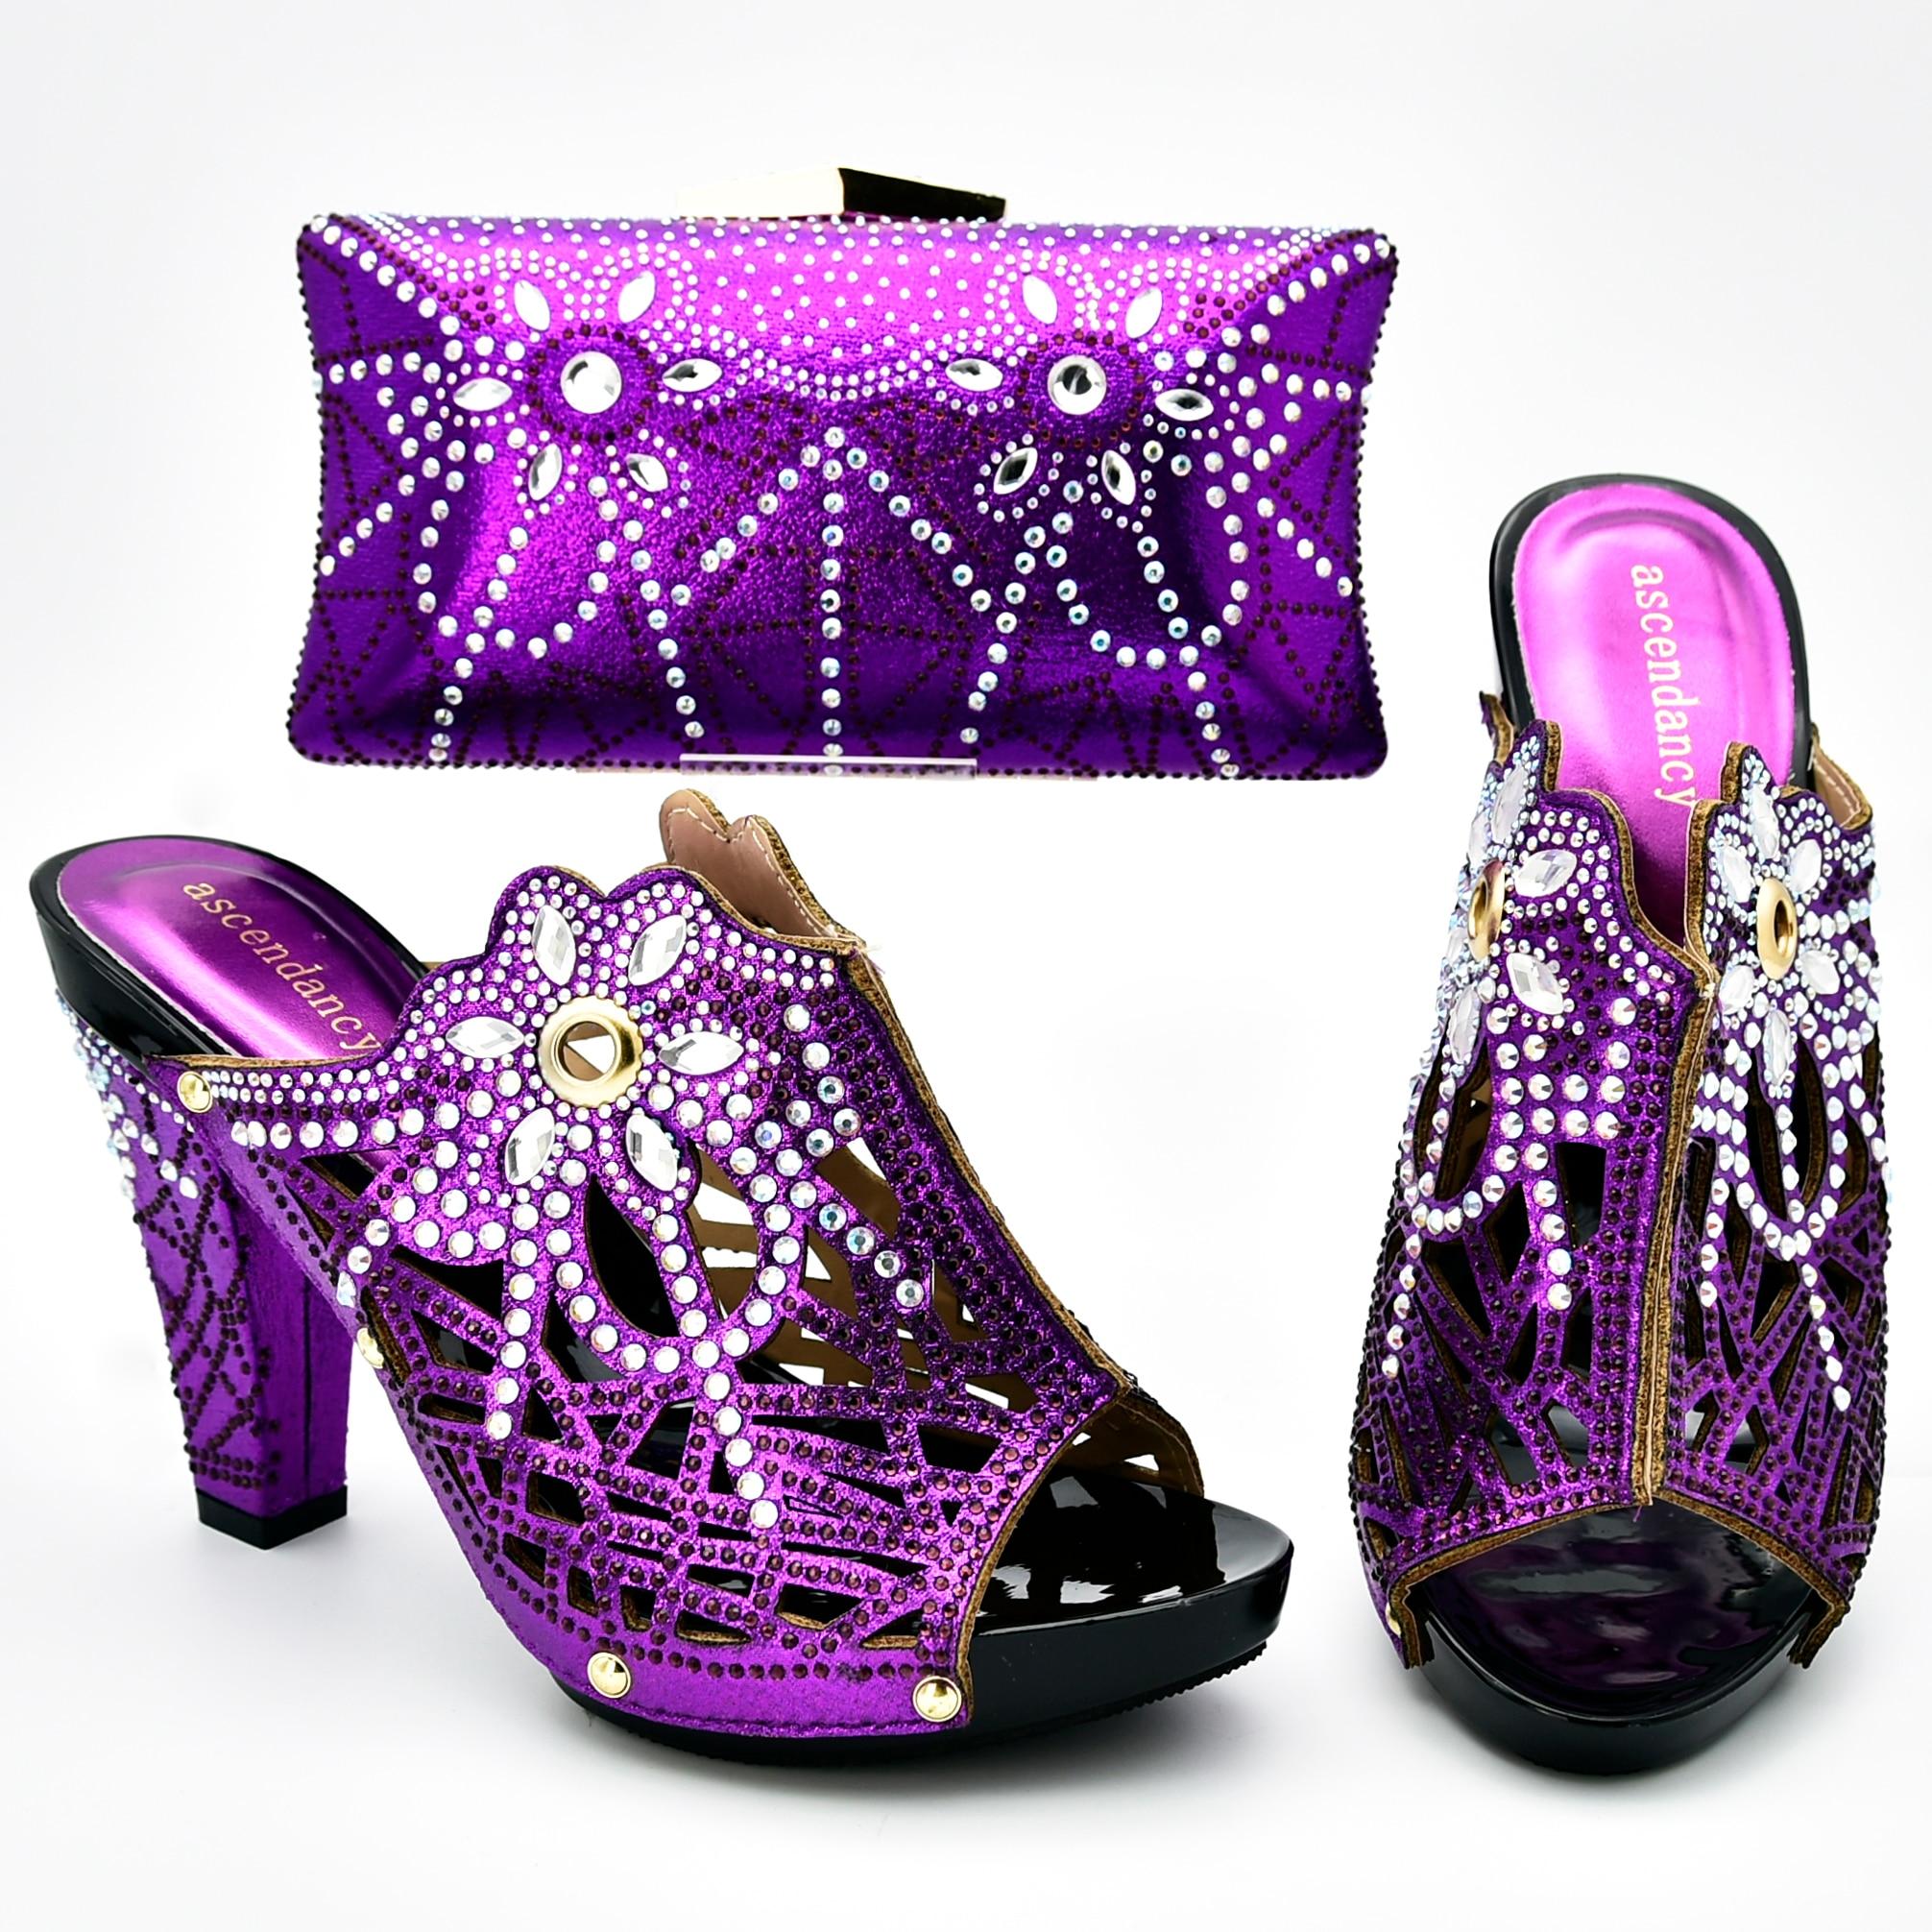 Bleu Royal chaussures italiennes et sac match set 4.3 pouces pantoufles chaussures embrayages sac en couleur pourpre chaussures et sac ensemble SB8393-2